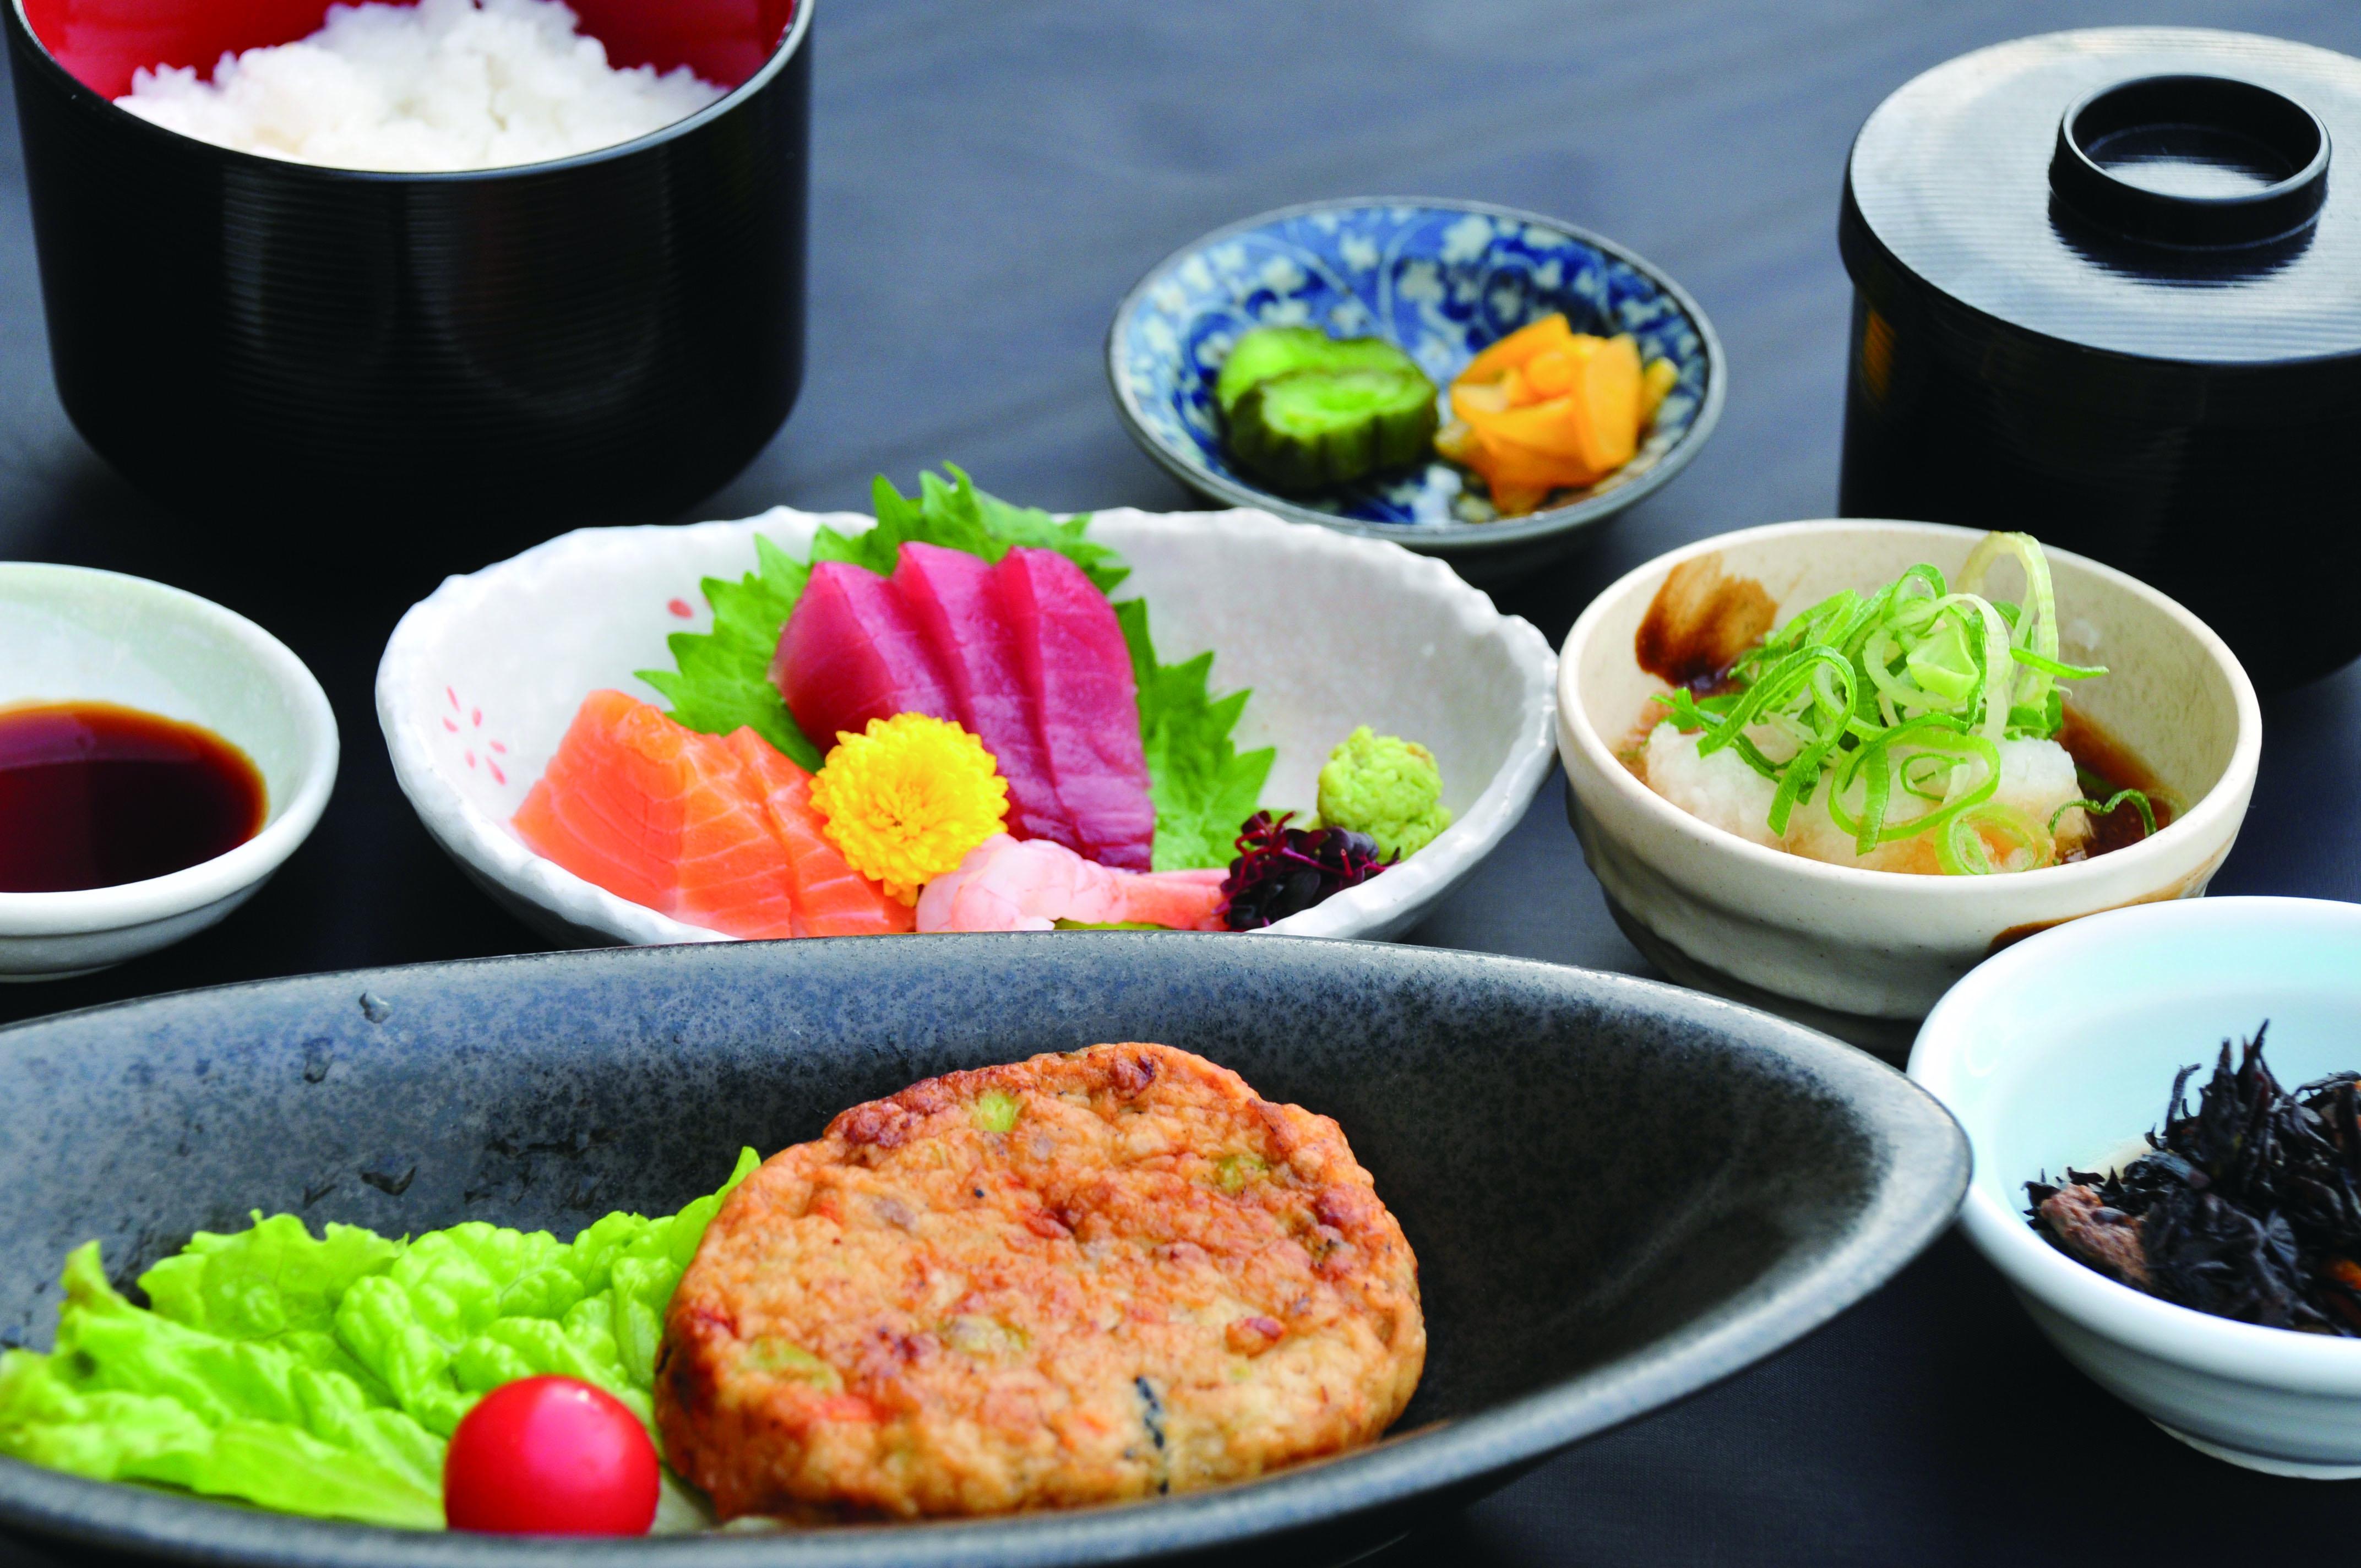 豆腐ハンバーグ和膳(約590kcal)